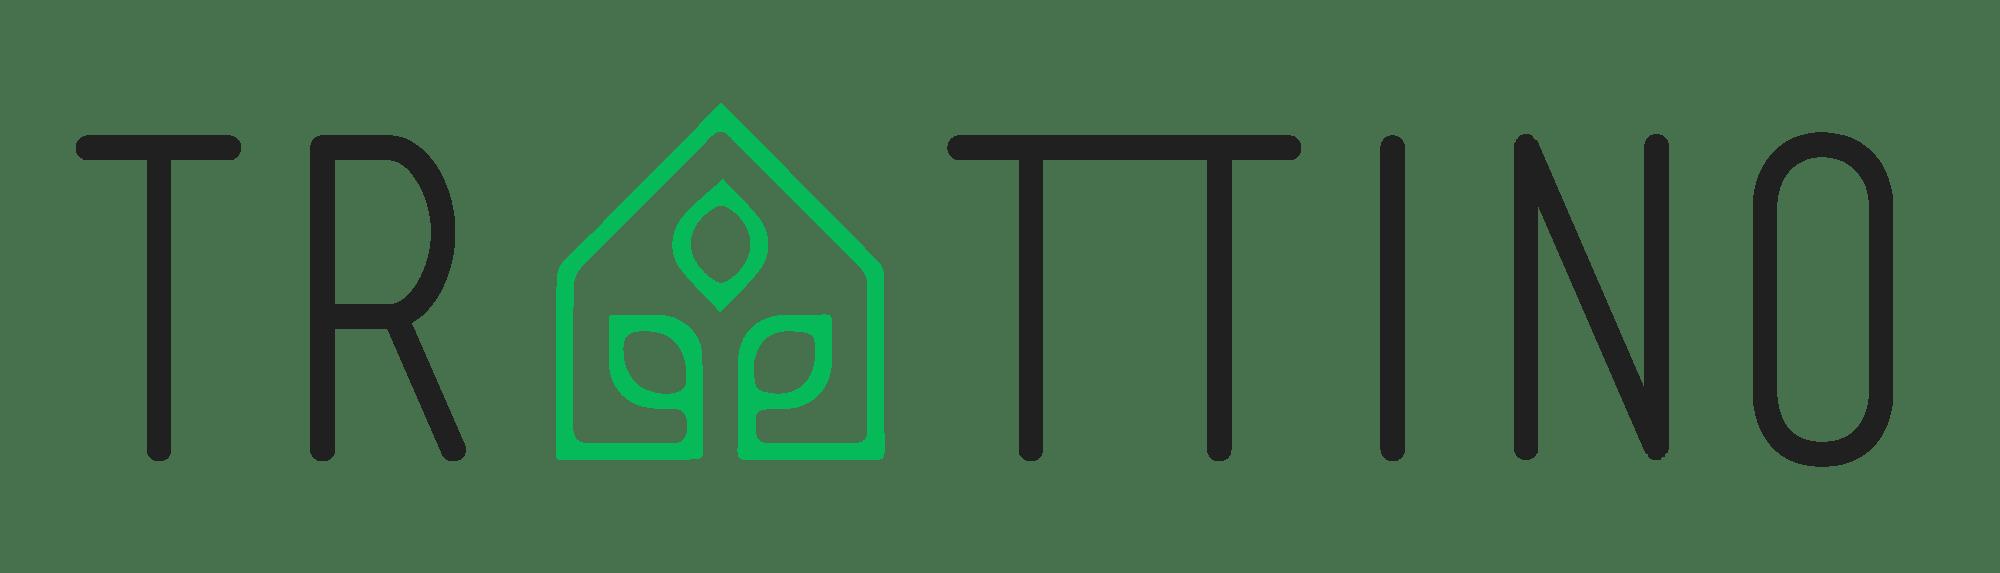 Trattino logo